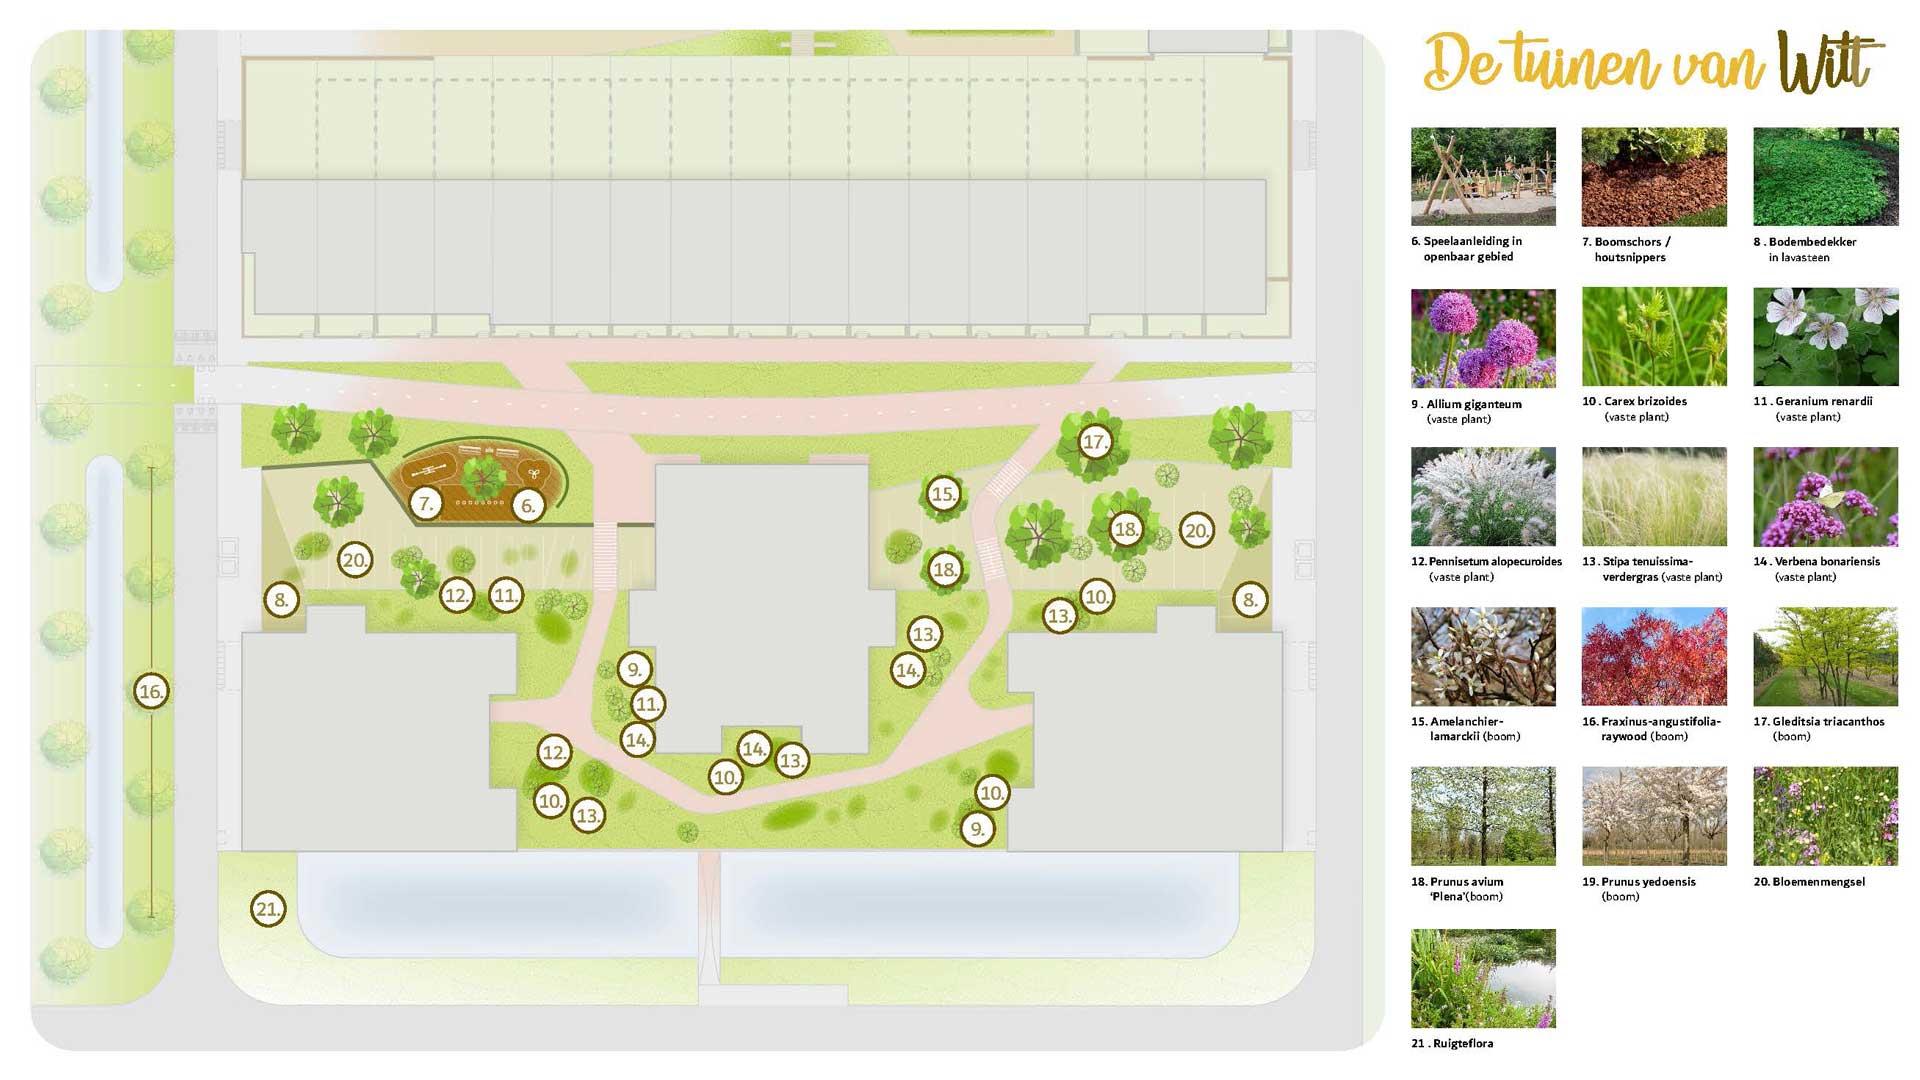 WITT-Nieuwbouw-Woerden-Daktuin-bij-appartementen